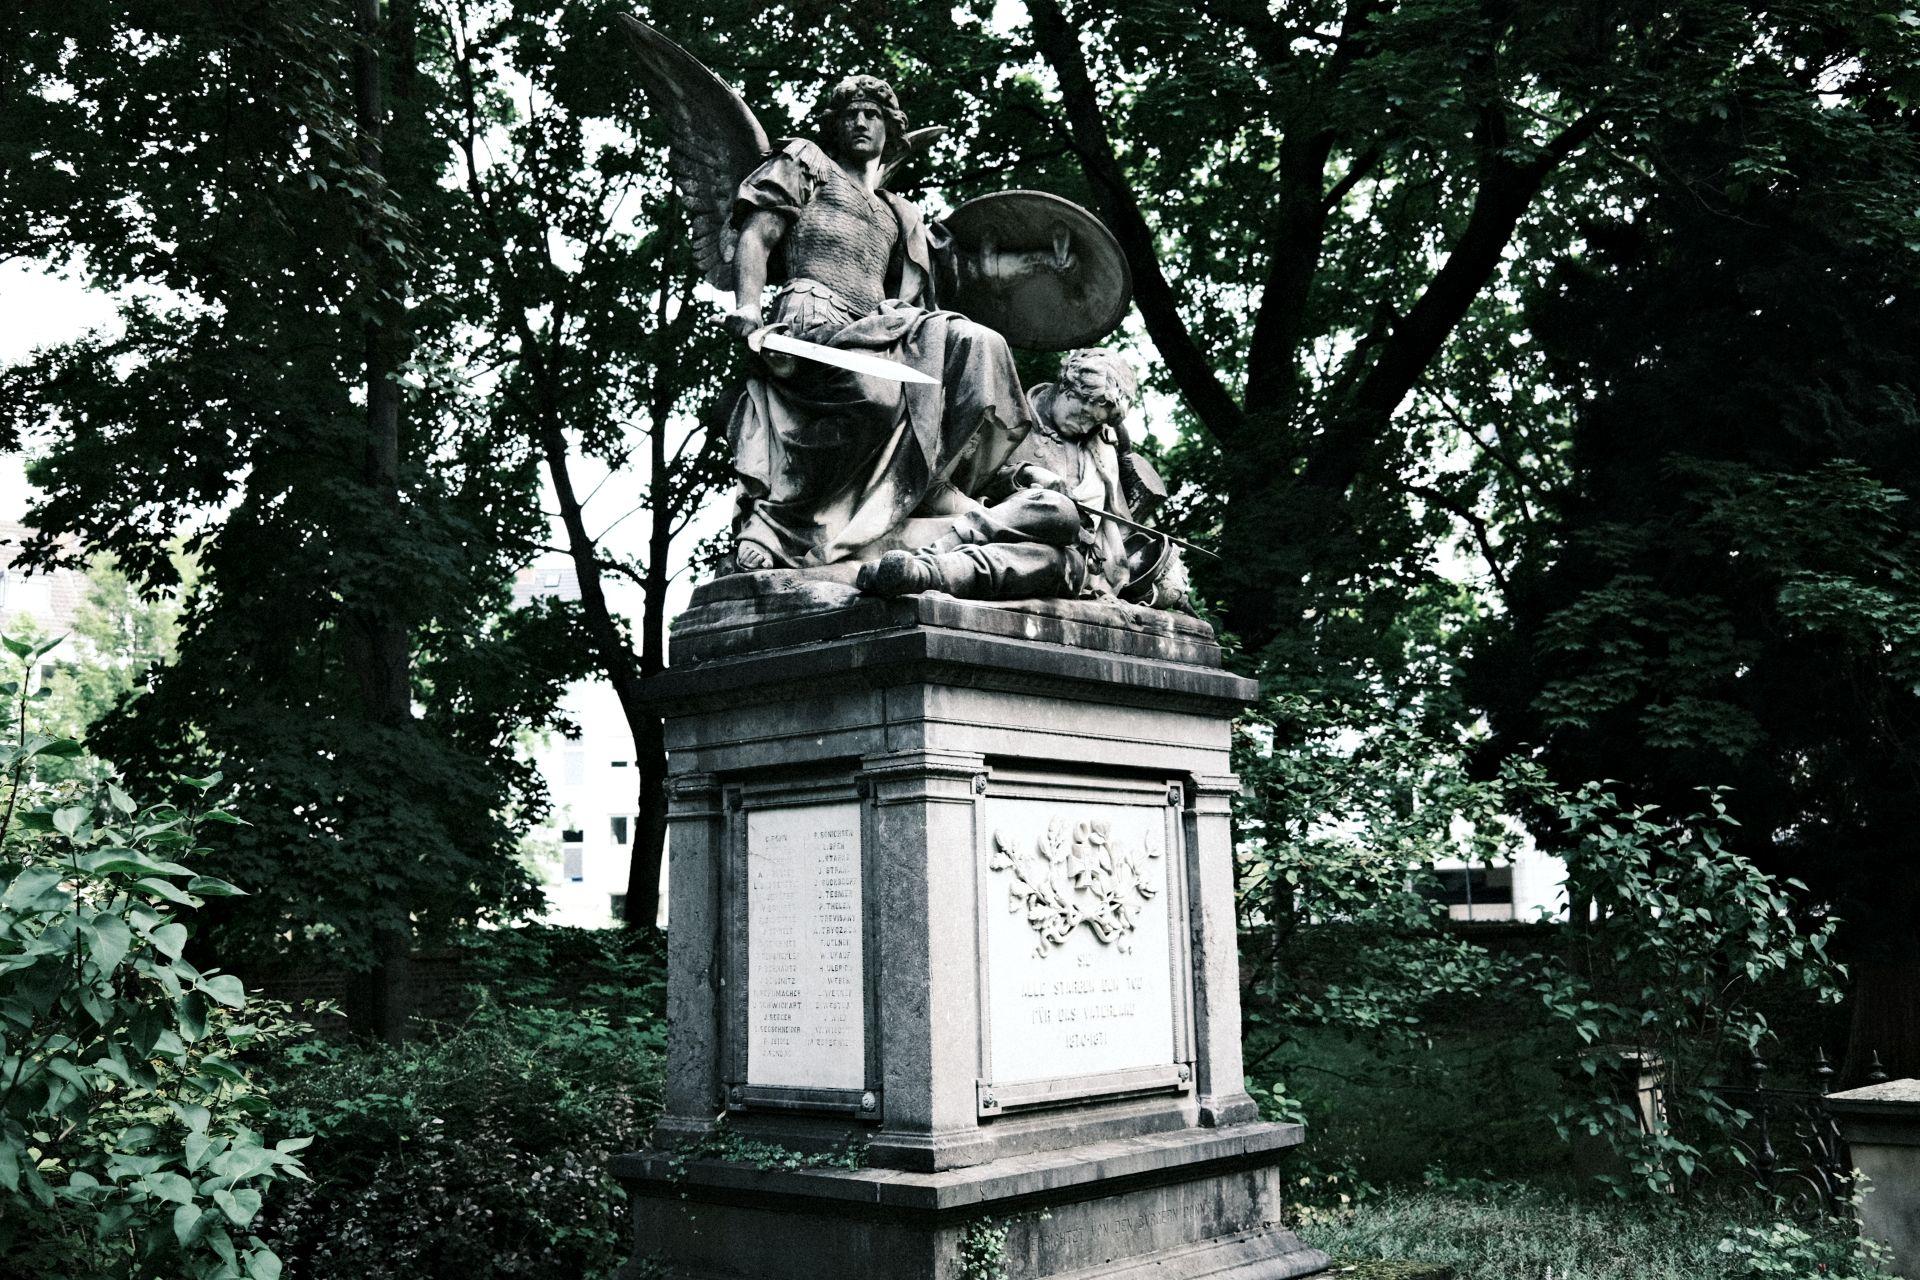 Alter Friedhof f/2.8 1/120sec ISO-160 23mm